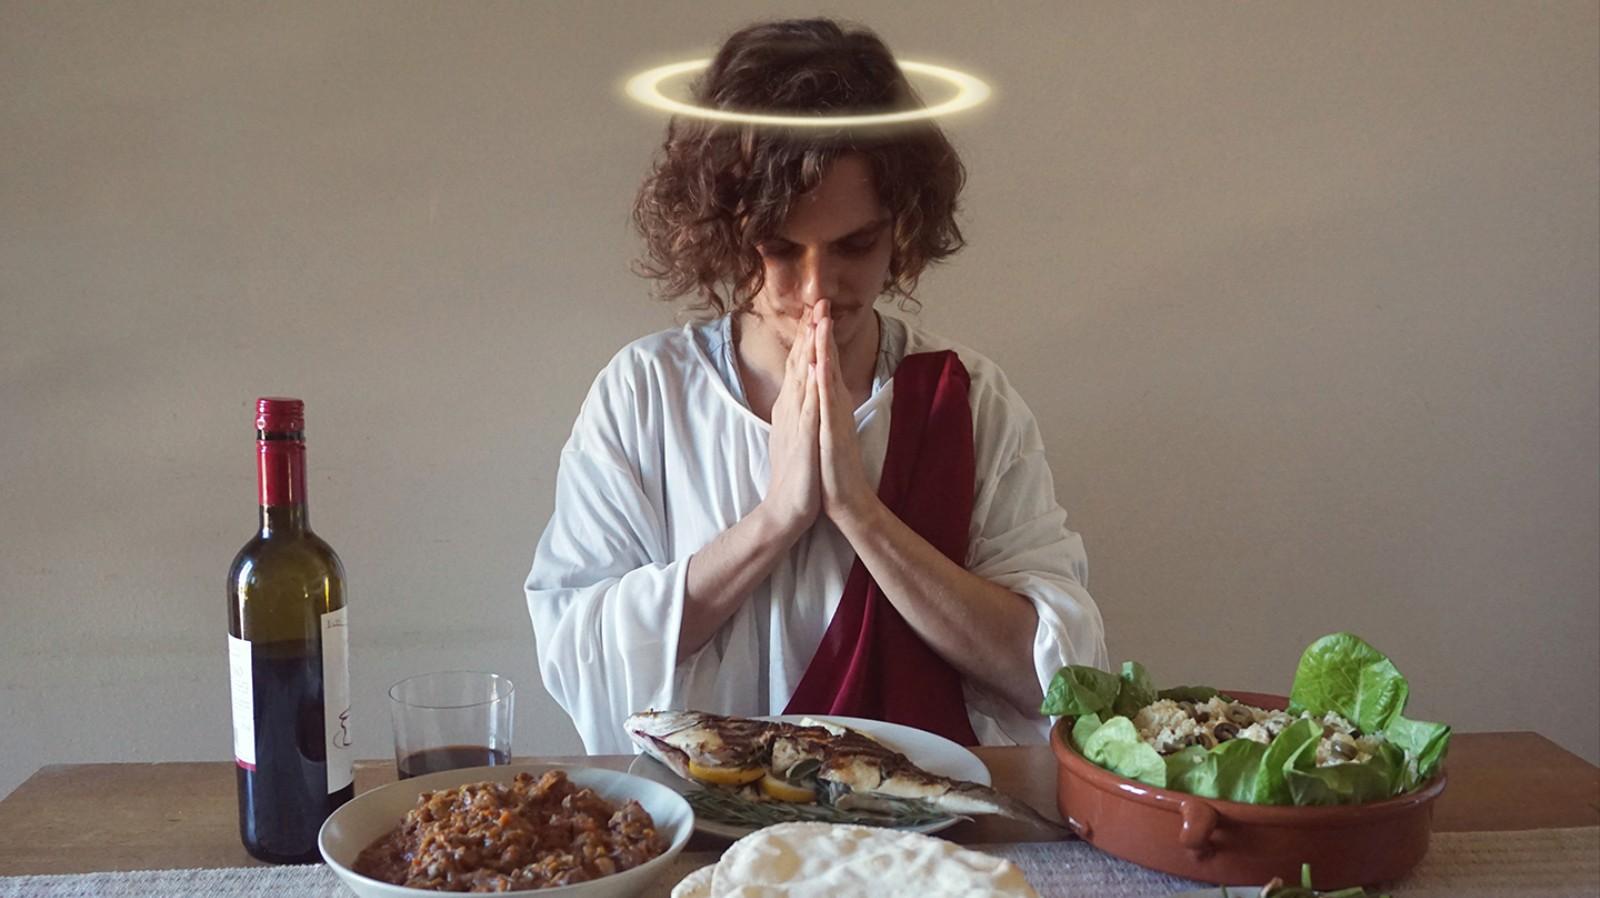 Ich habe eine Woche lang wie Jesus gegessen